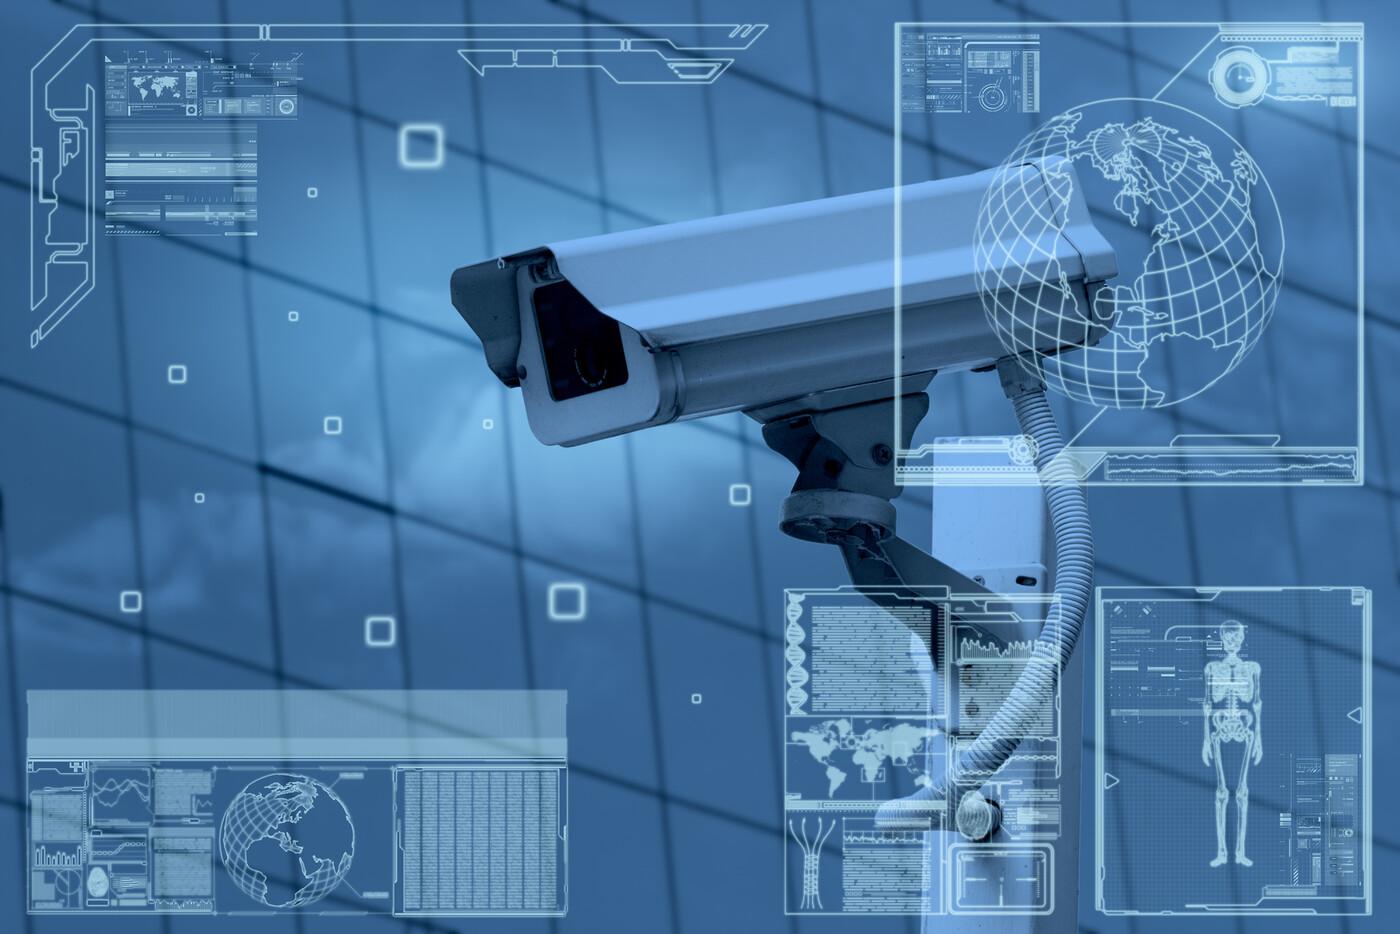 sistemi-videonabludenija.jpg